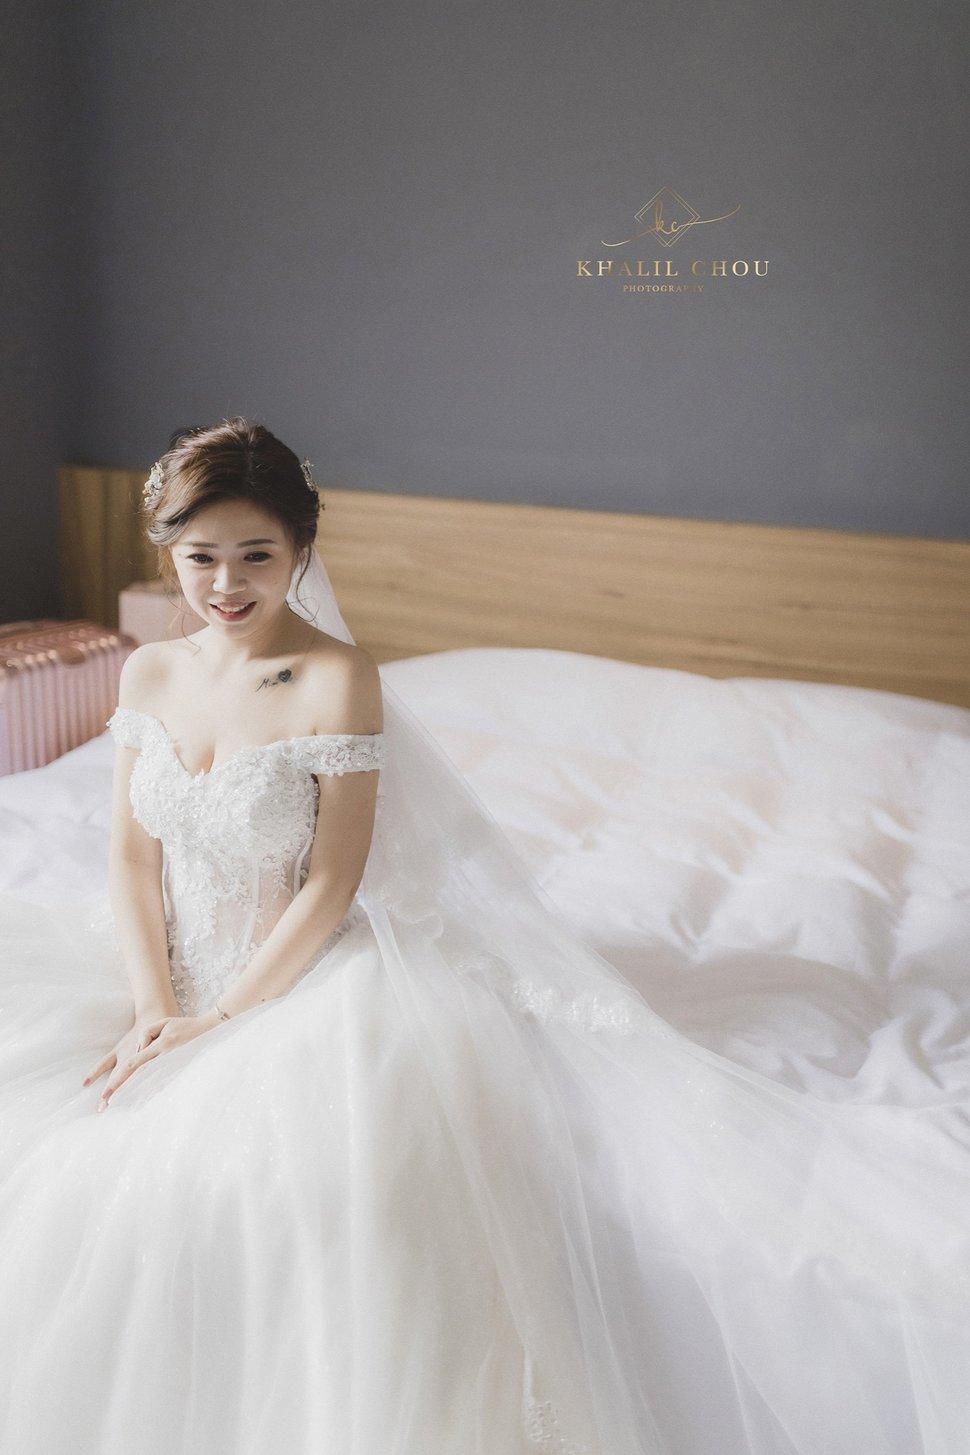 婚禮攝影-11 - 凱勒・周 獨立影像 - 結婚吧